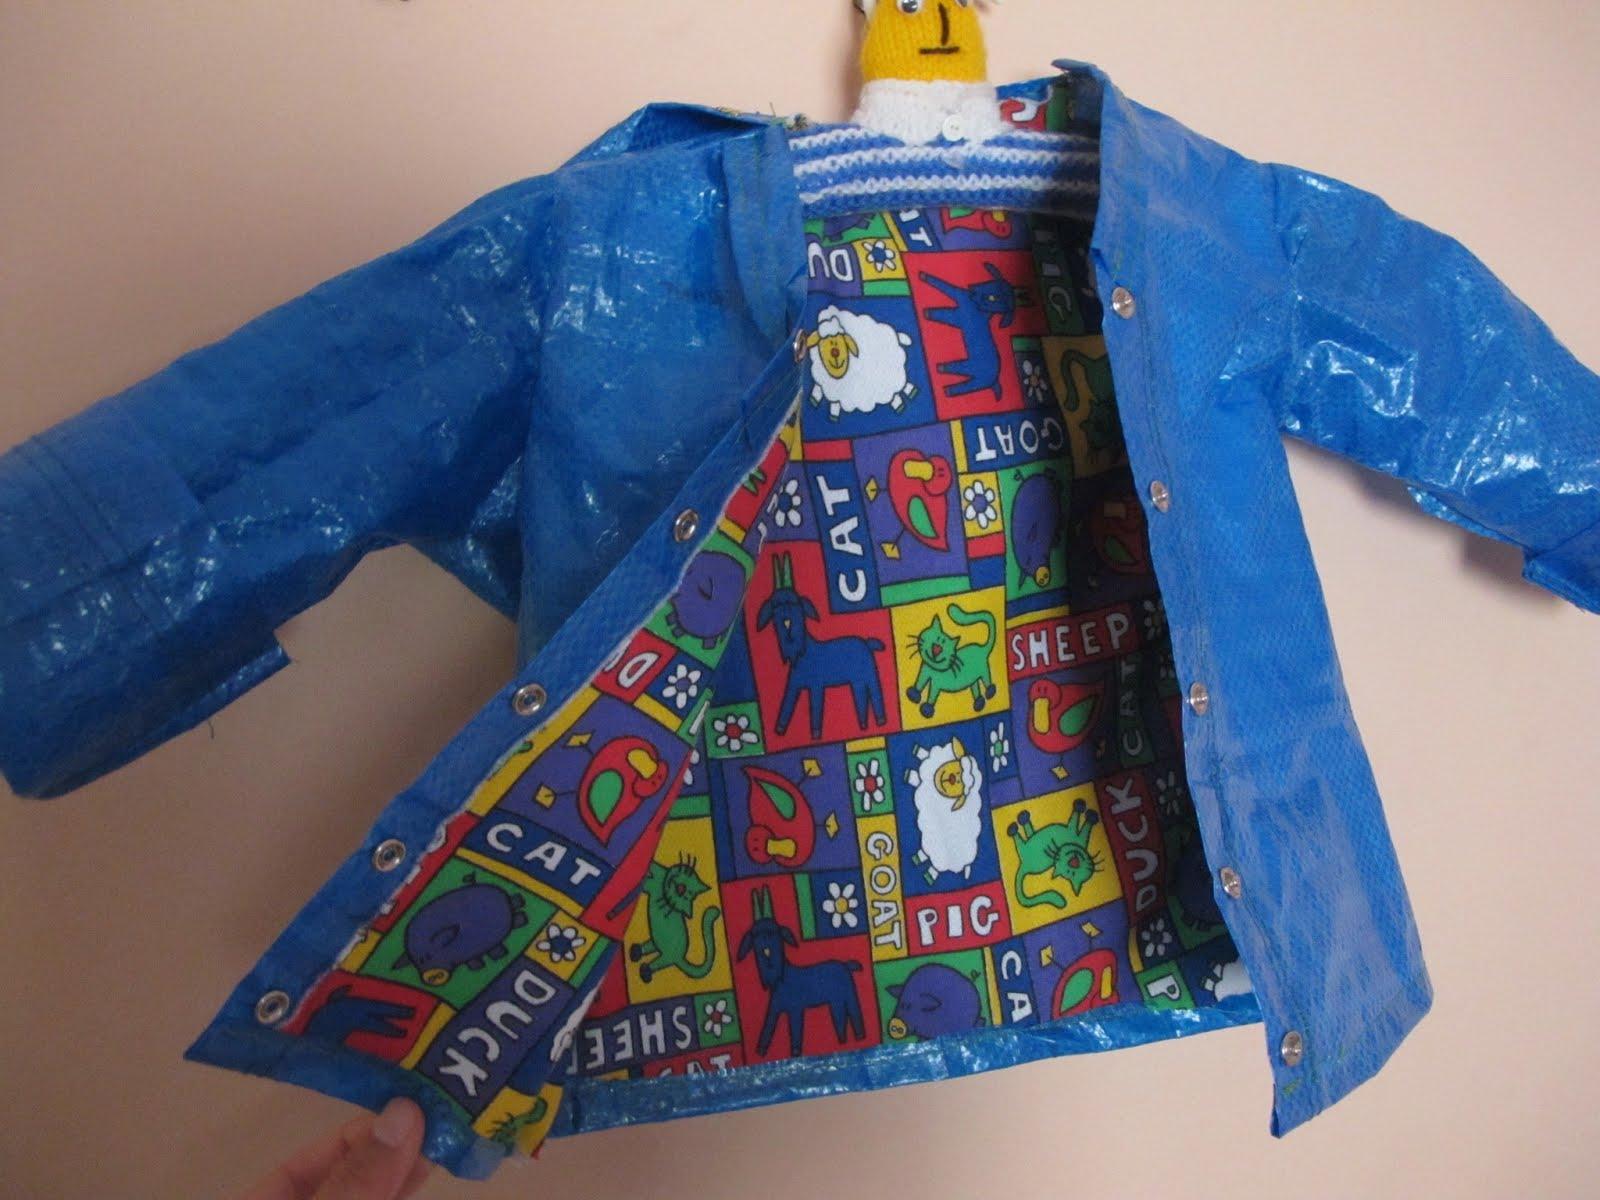 La nuova moda su Instagram è farsi gli abiti con la borsa blu di Ikea